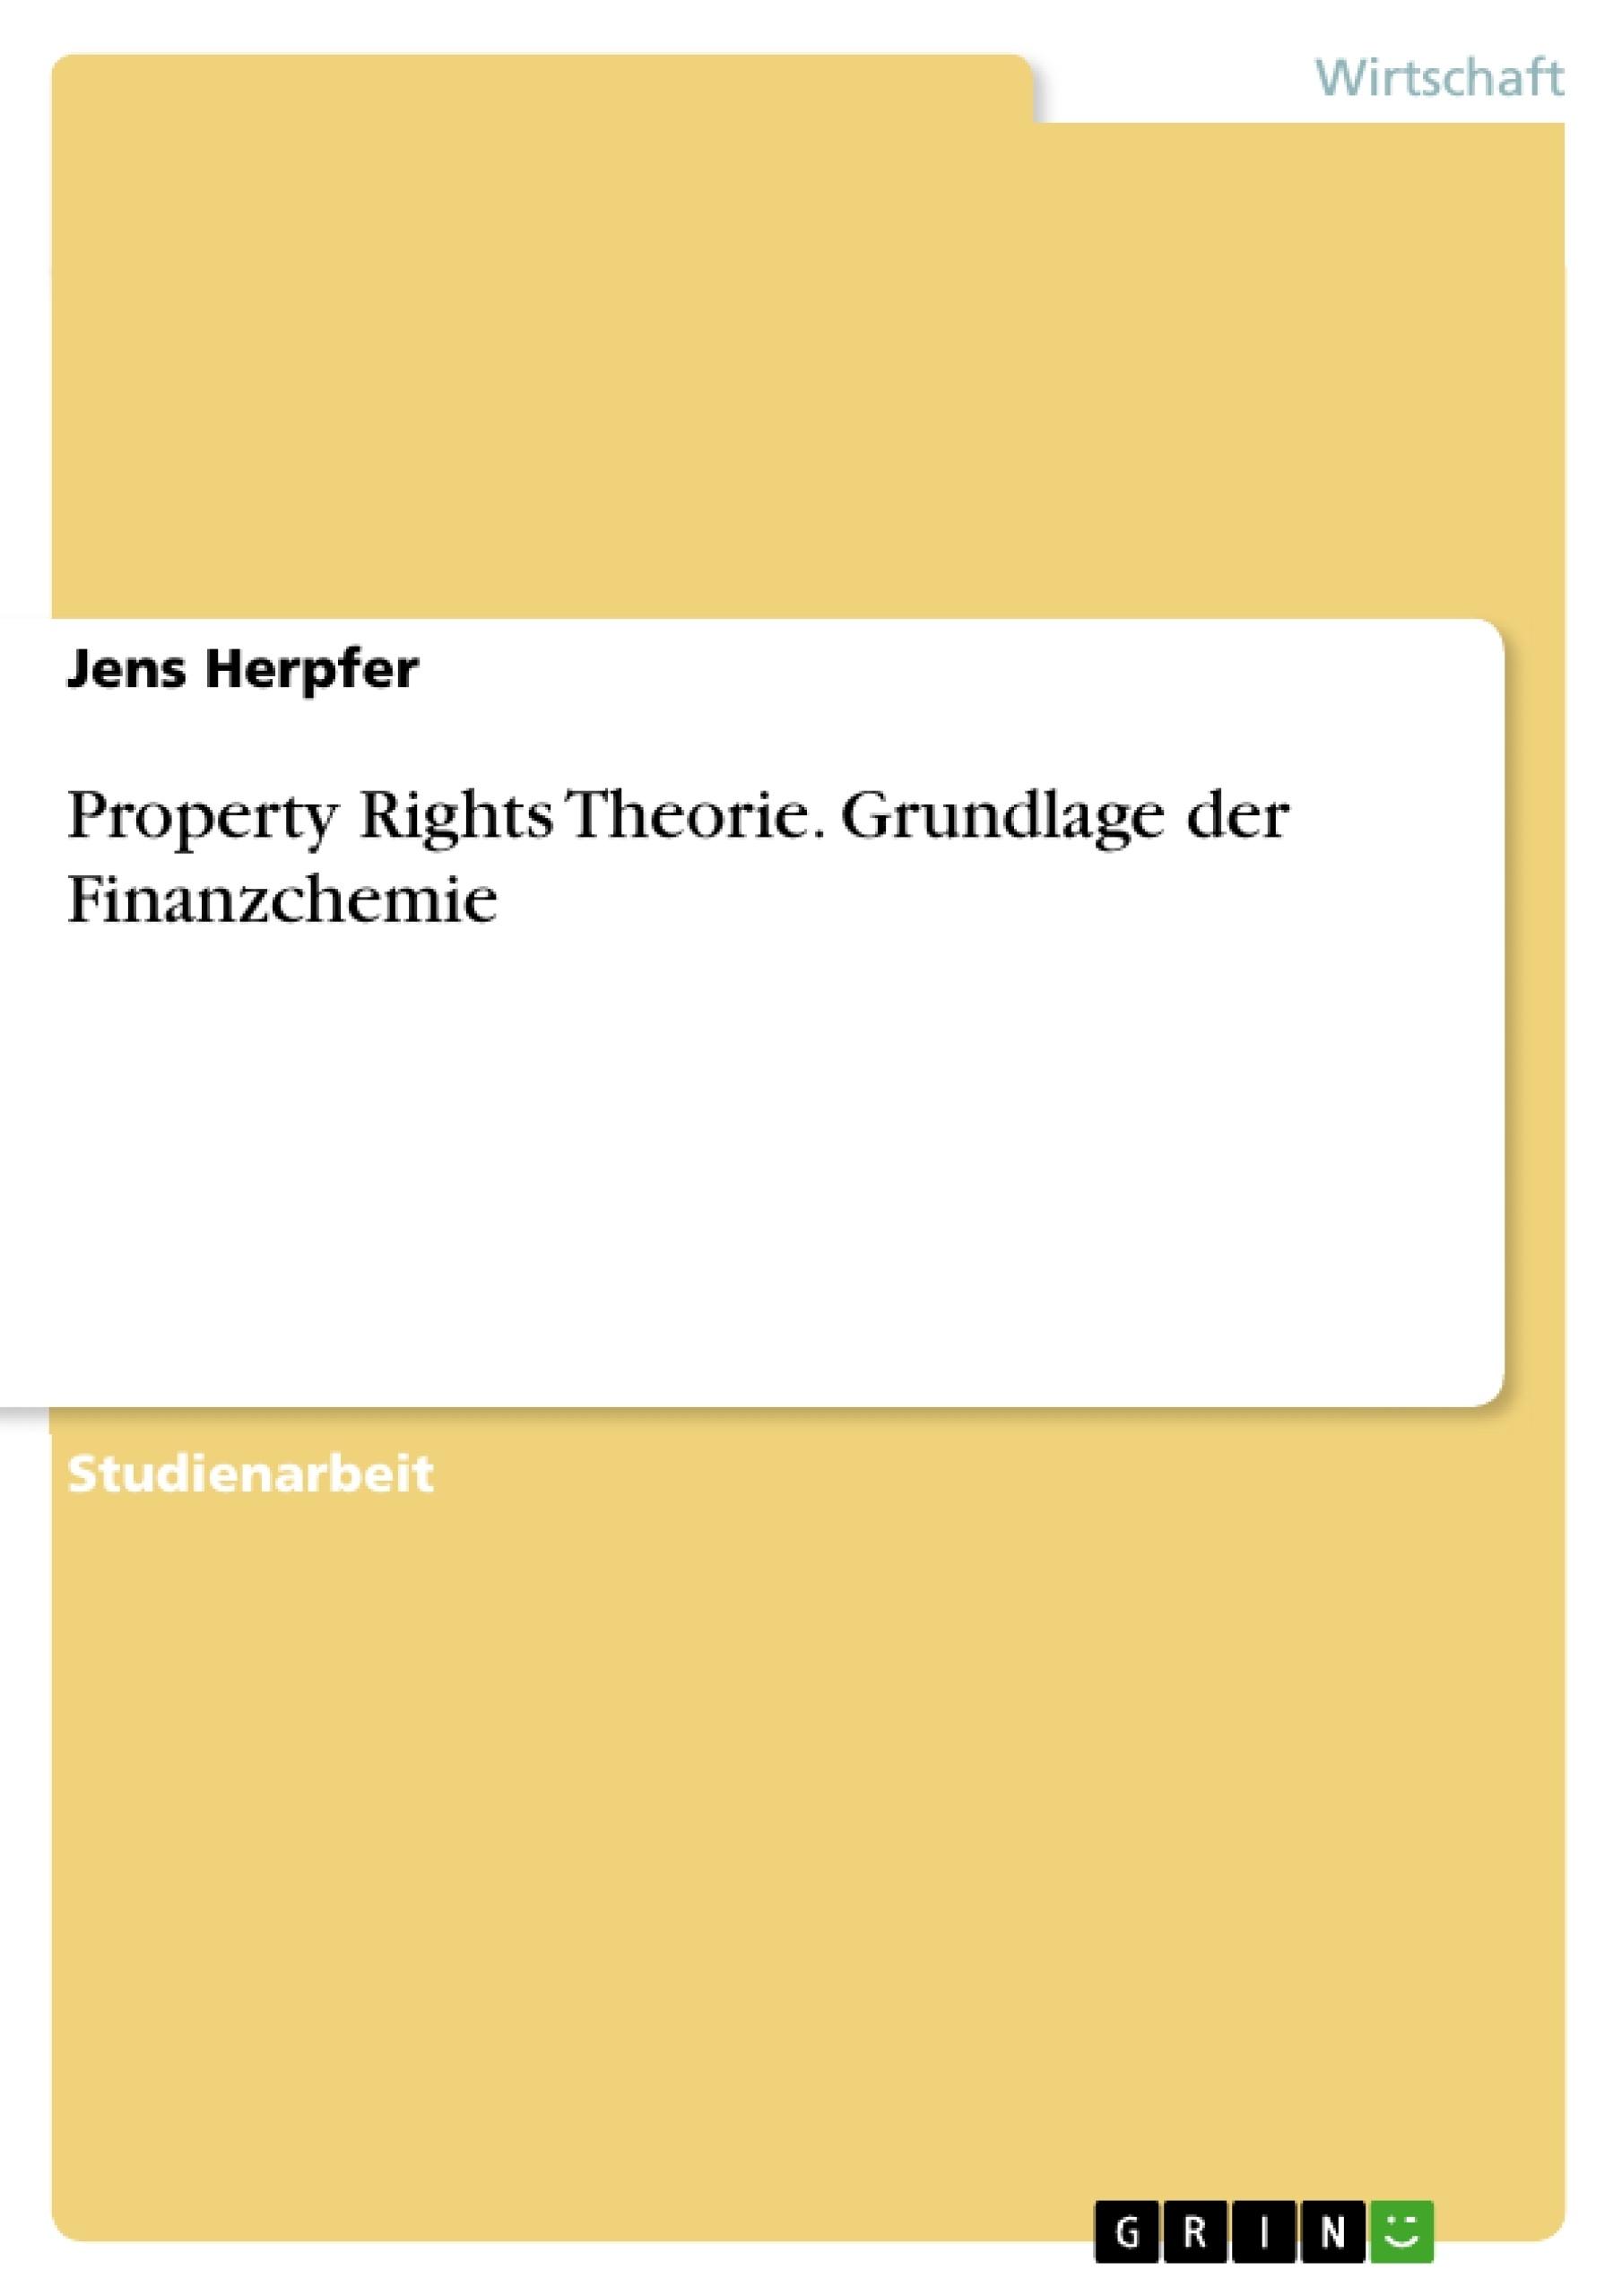 Titel: Property Rights Theorie. Grundlage der Finanzchemie